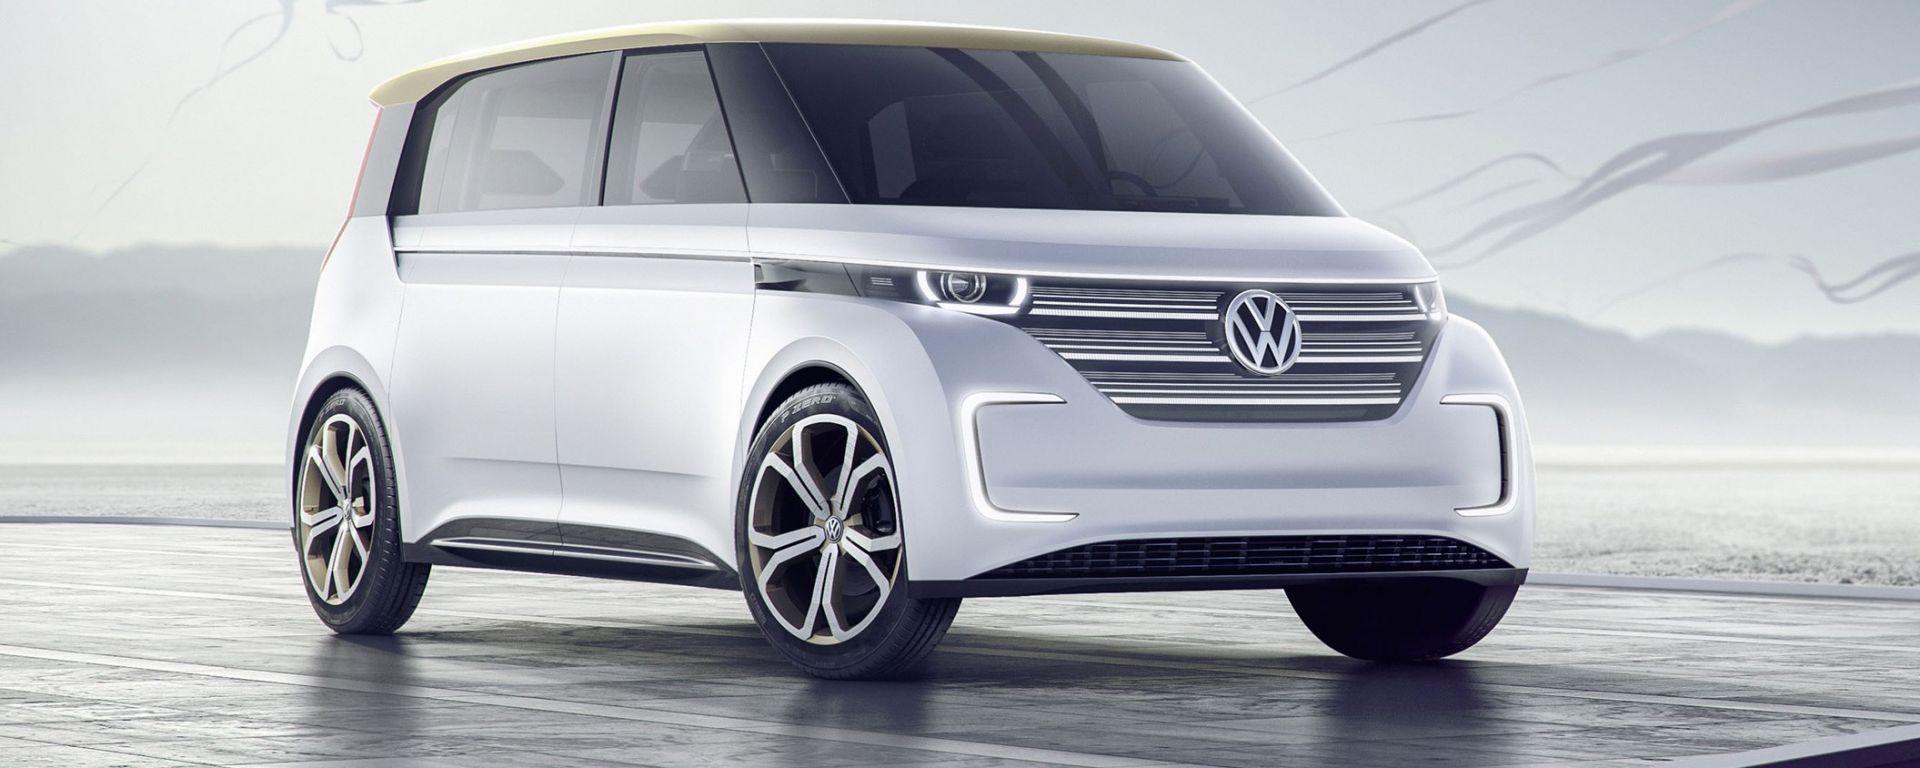 Volkswagen Budd-e, la concept elettrica di Wolfsburg in grado di percorrere 500 km con una ricarica